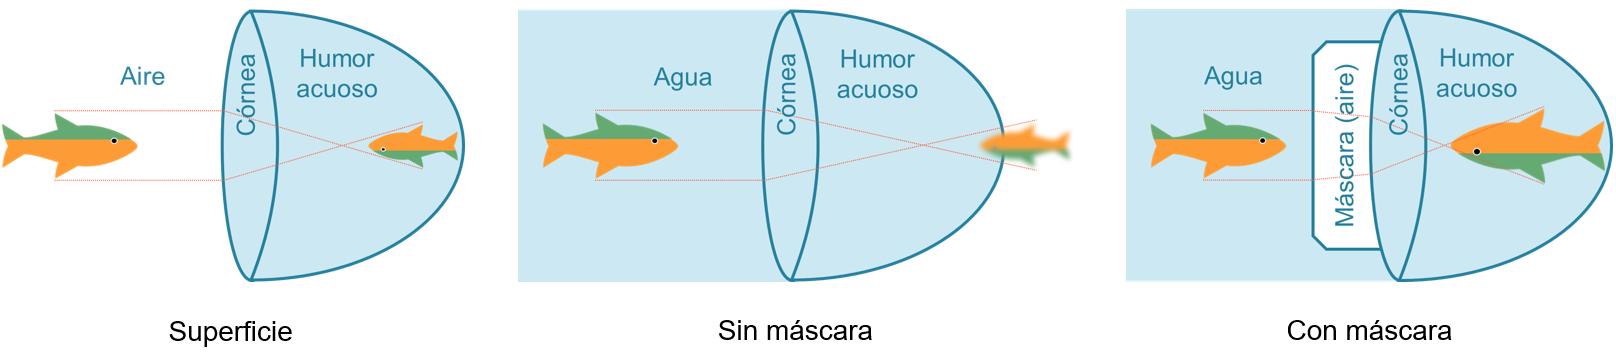 Efecto de la refracción de la luz en la visión en tres casos: en superfiice, buceando con el ojo desnudo y buceando con más cara de buceo